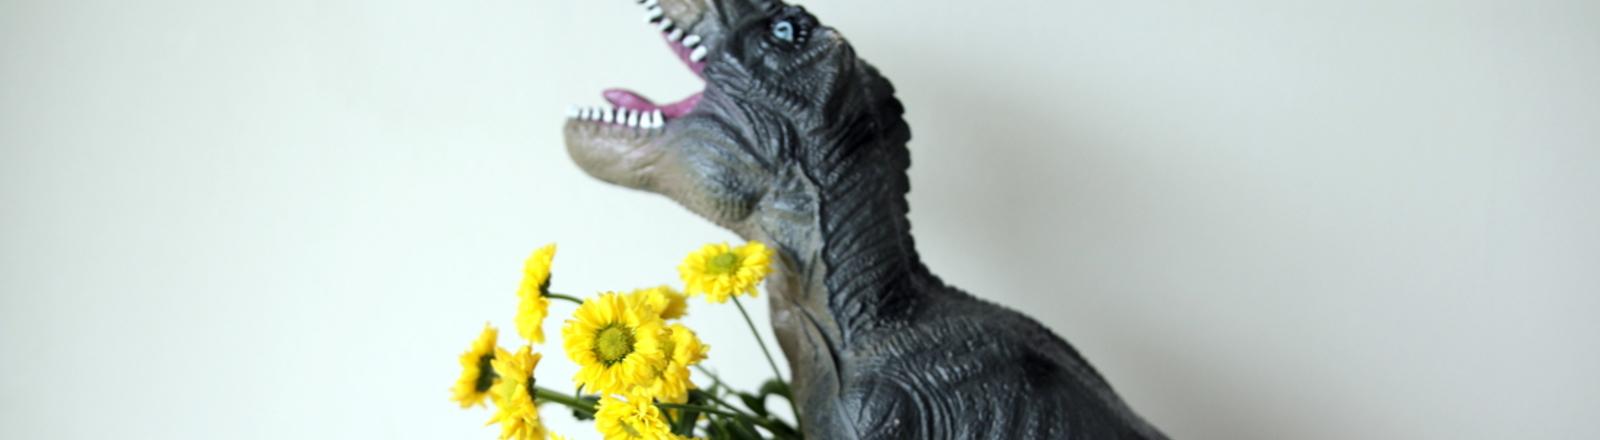 Dinosaurier hält Blumenstrauß